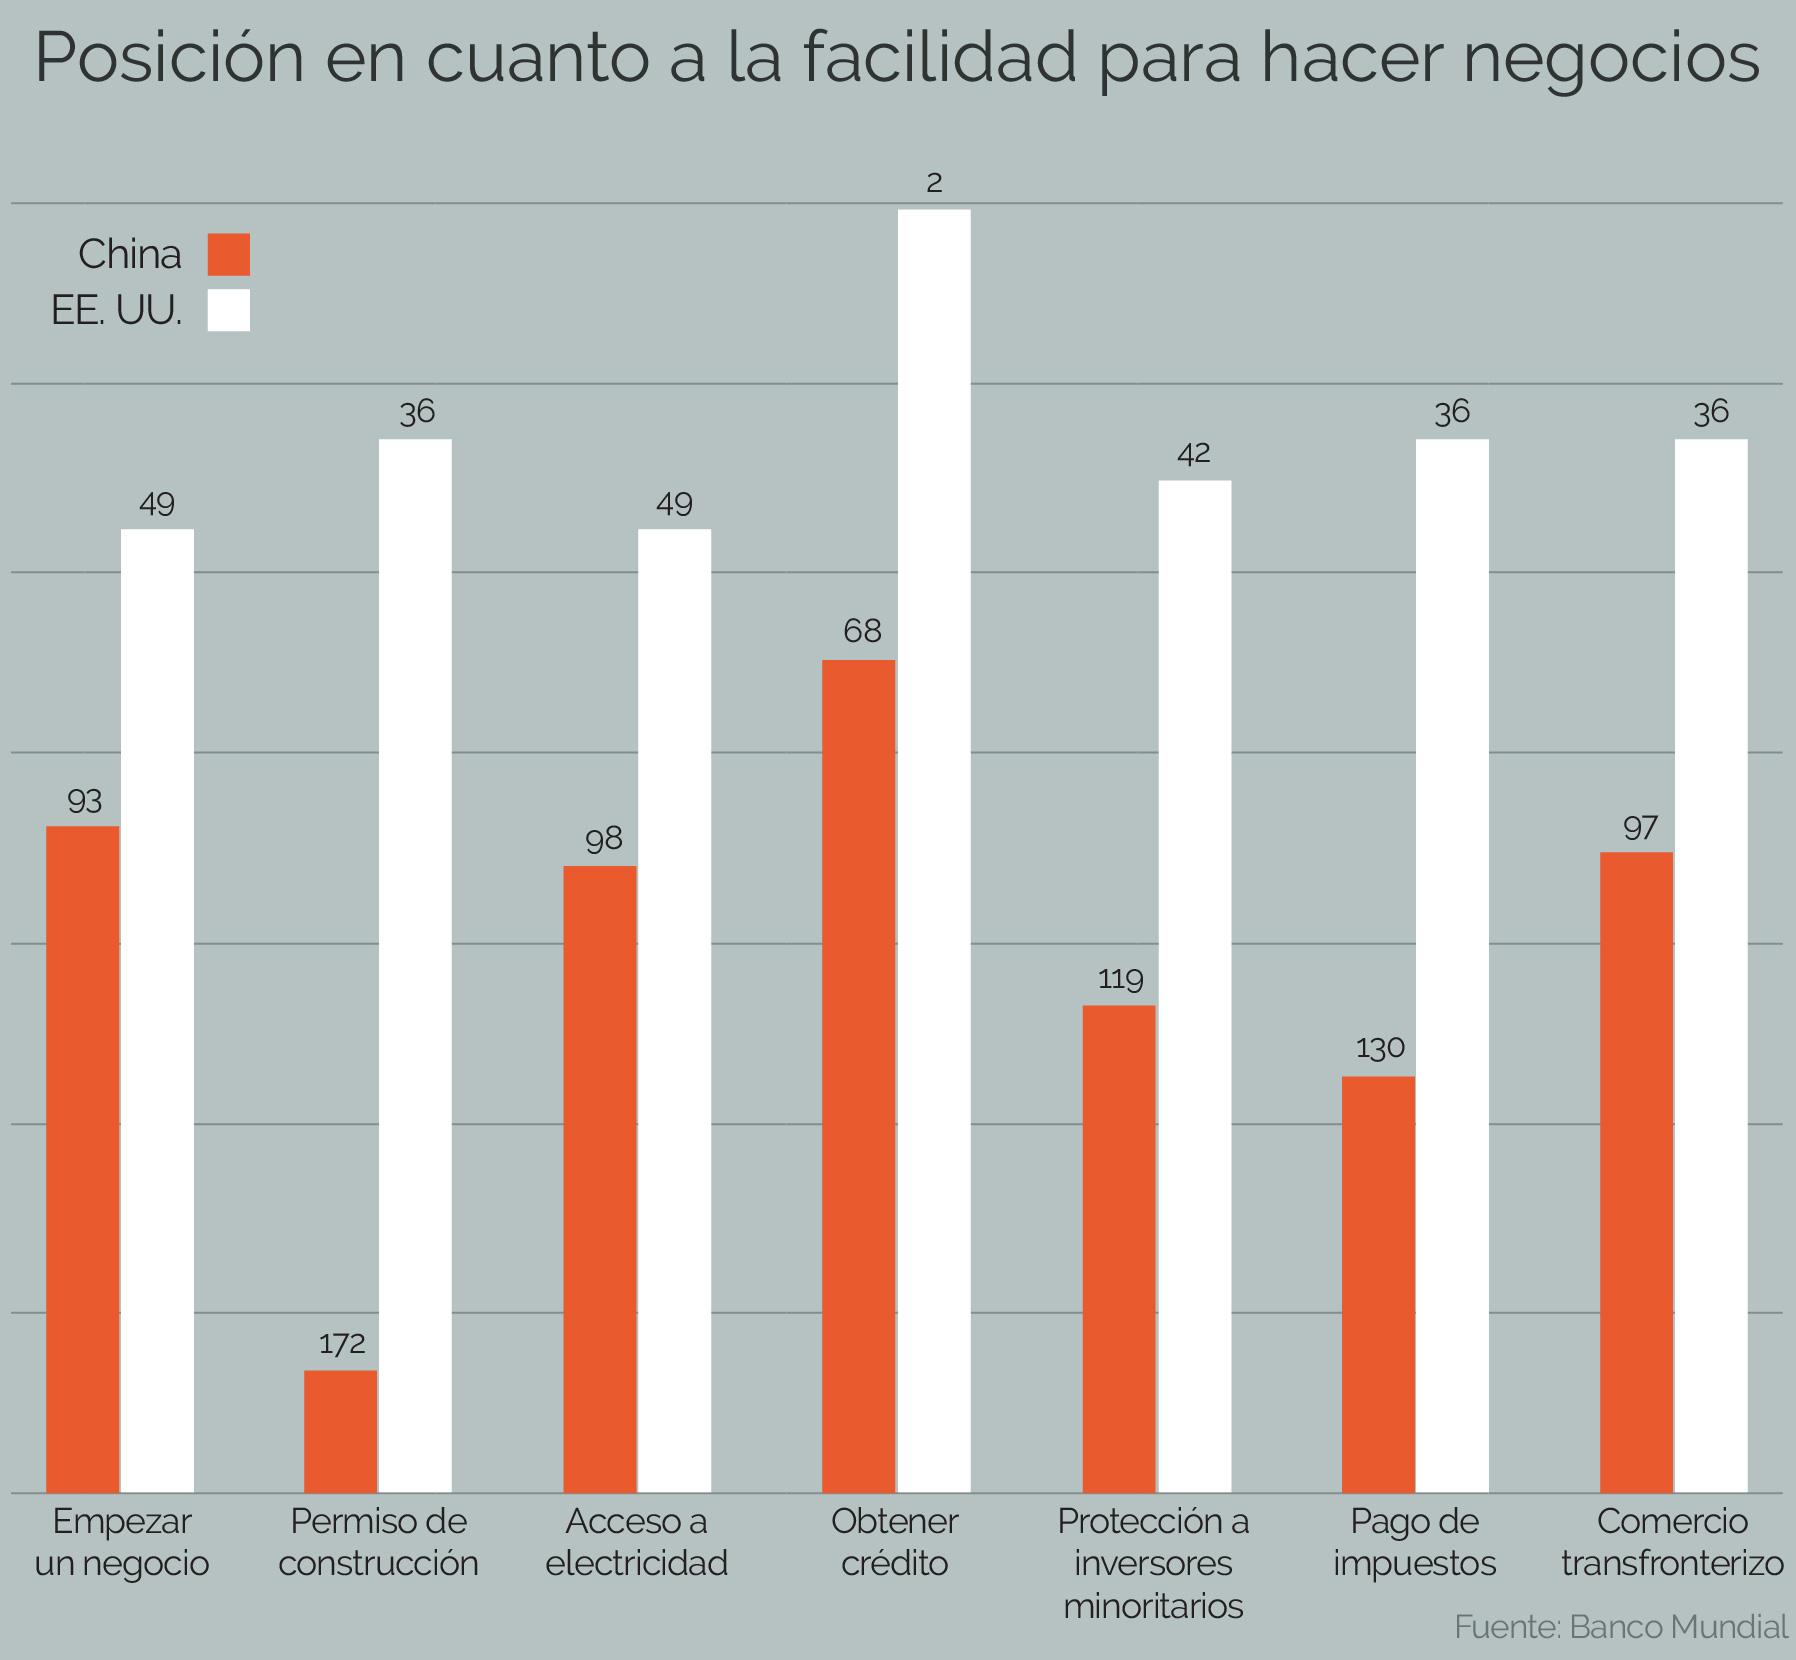 Gráfico comparando los factores de la facilidad para hacer negocios en China y en Estados Unidos (Depto. de Estado)